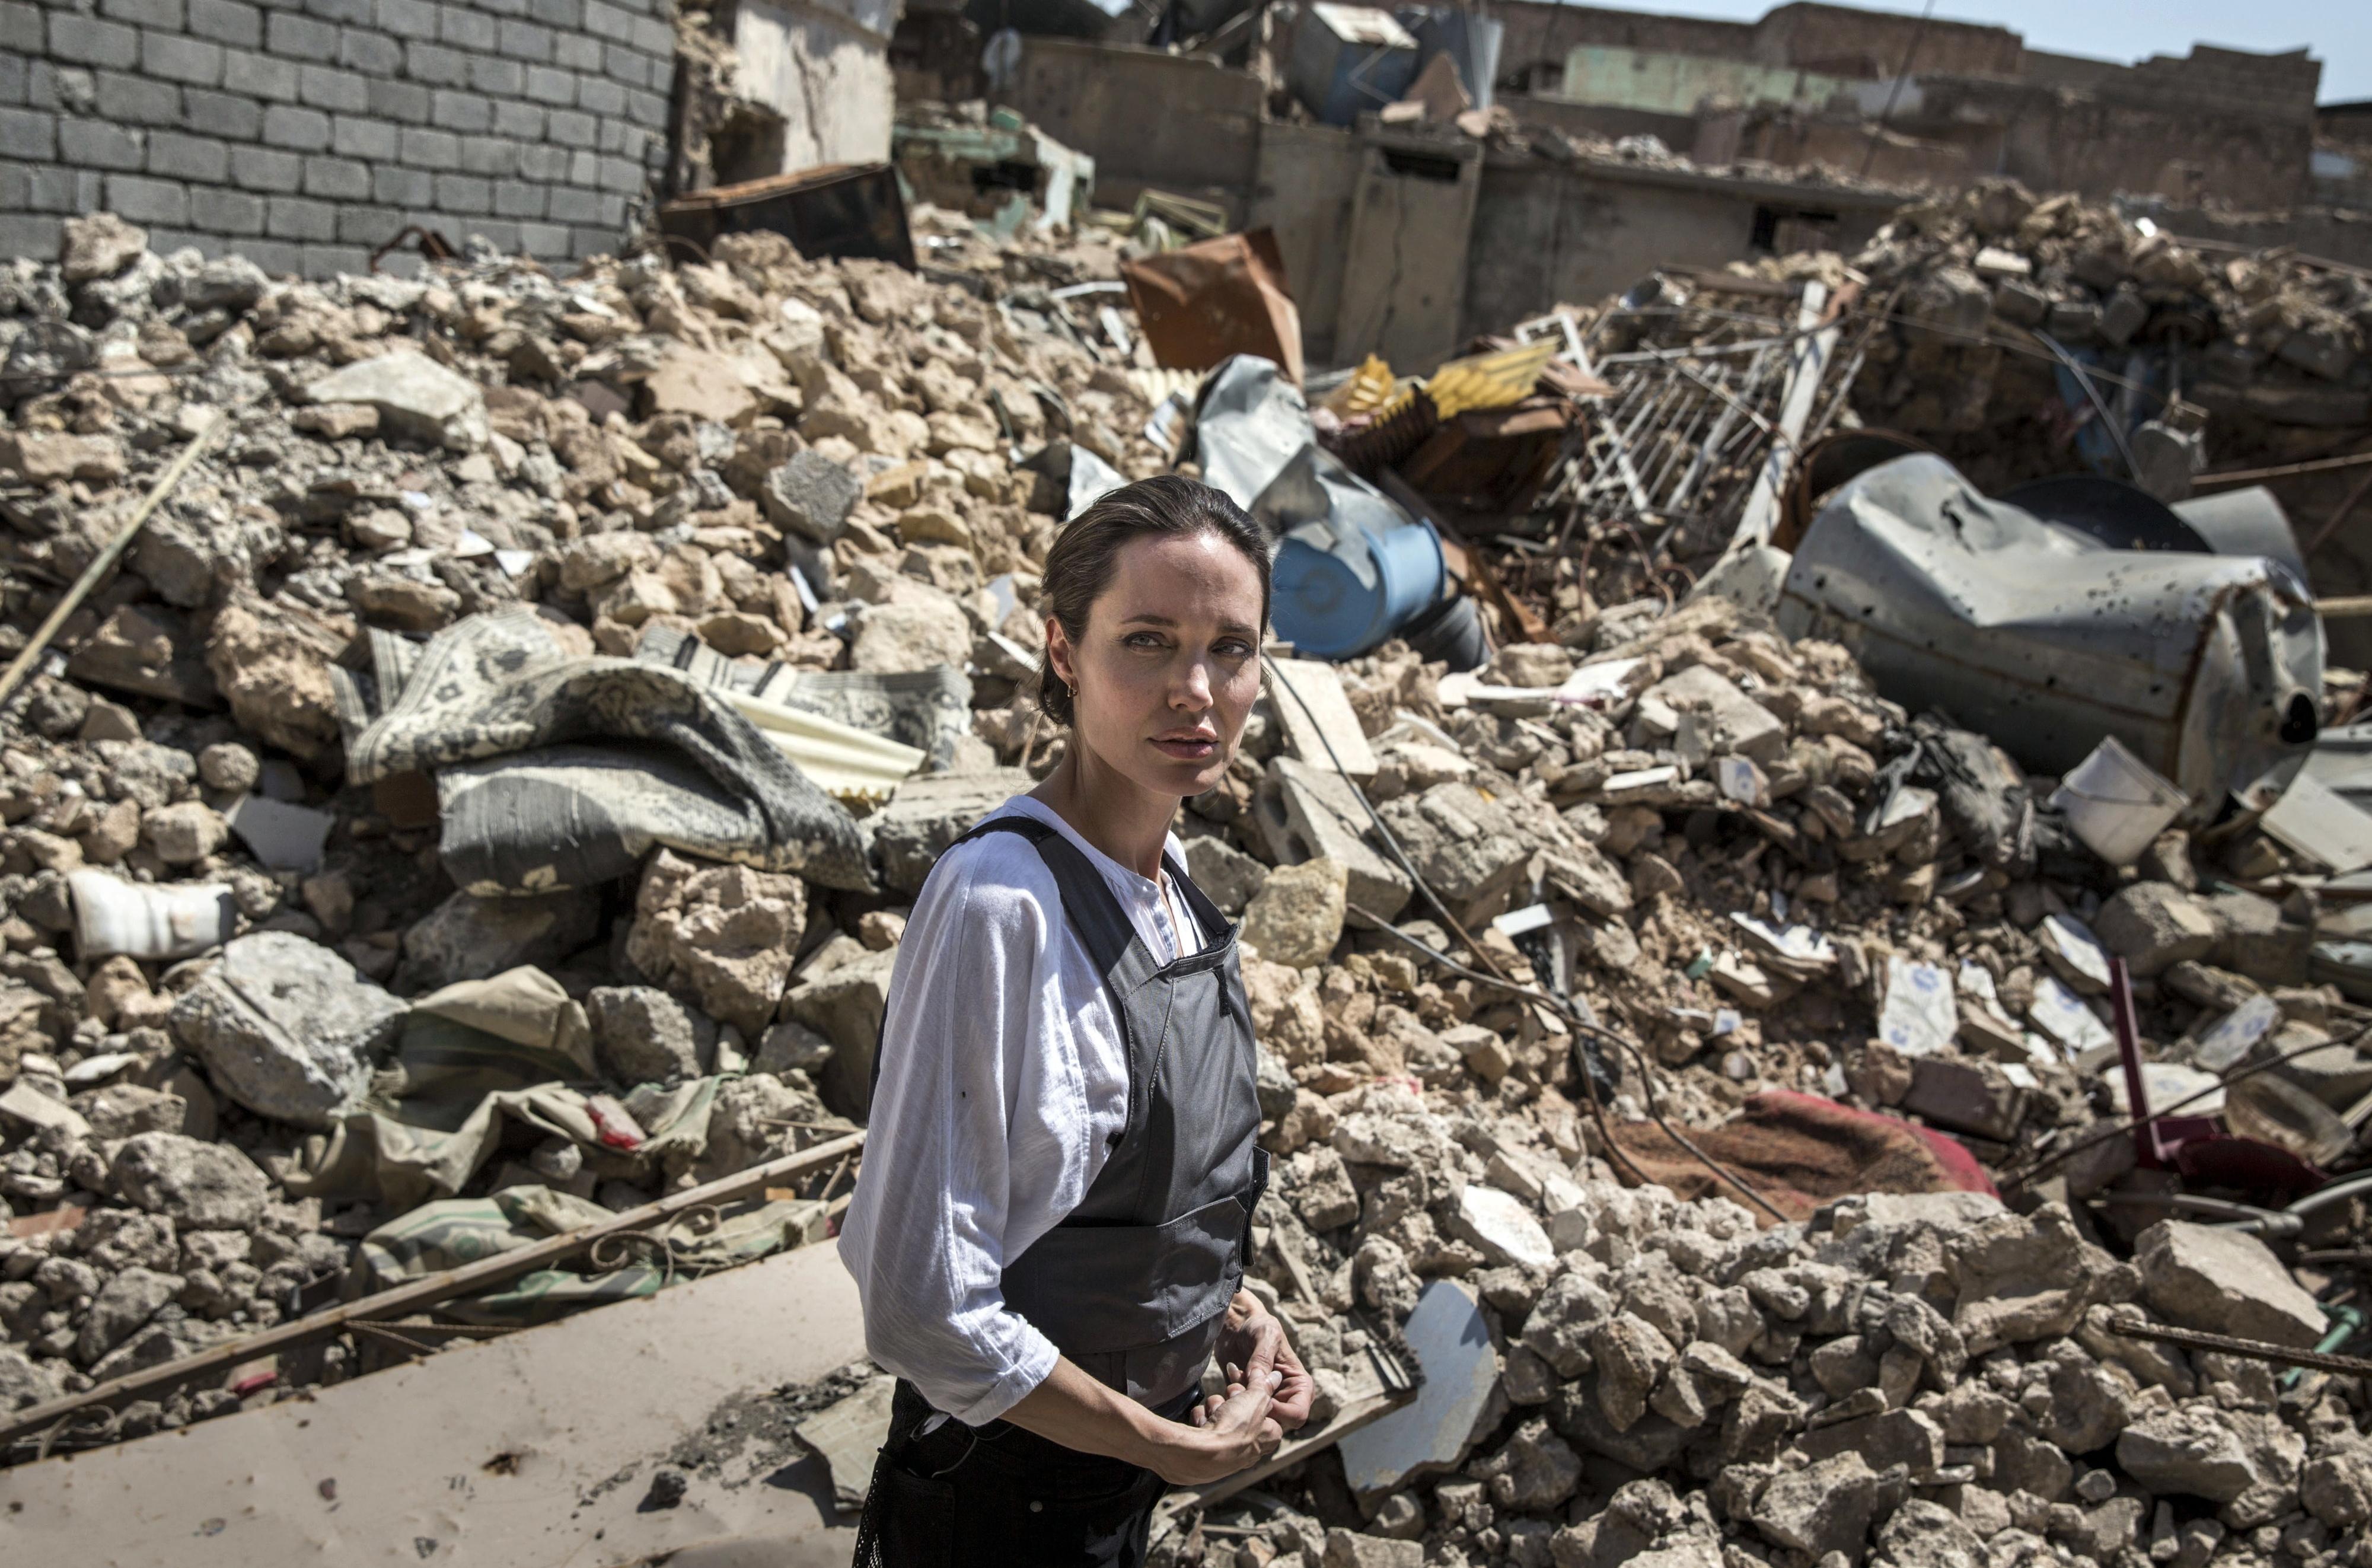 ONU encarrega Angelina Jolie de avaliar situação dos refugiados venezuelanos no Peru